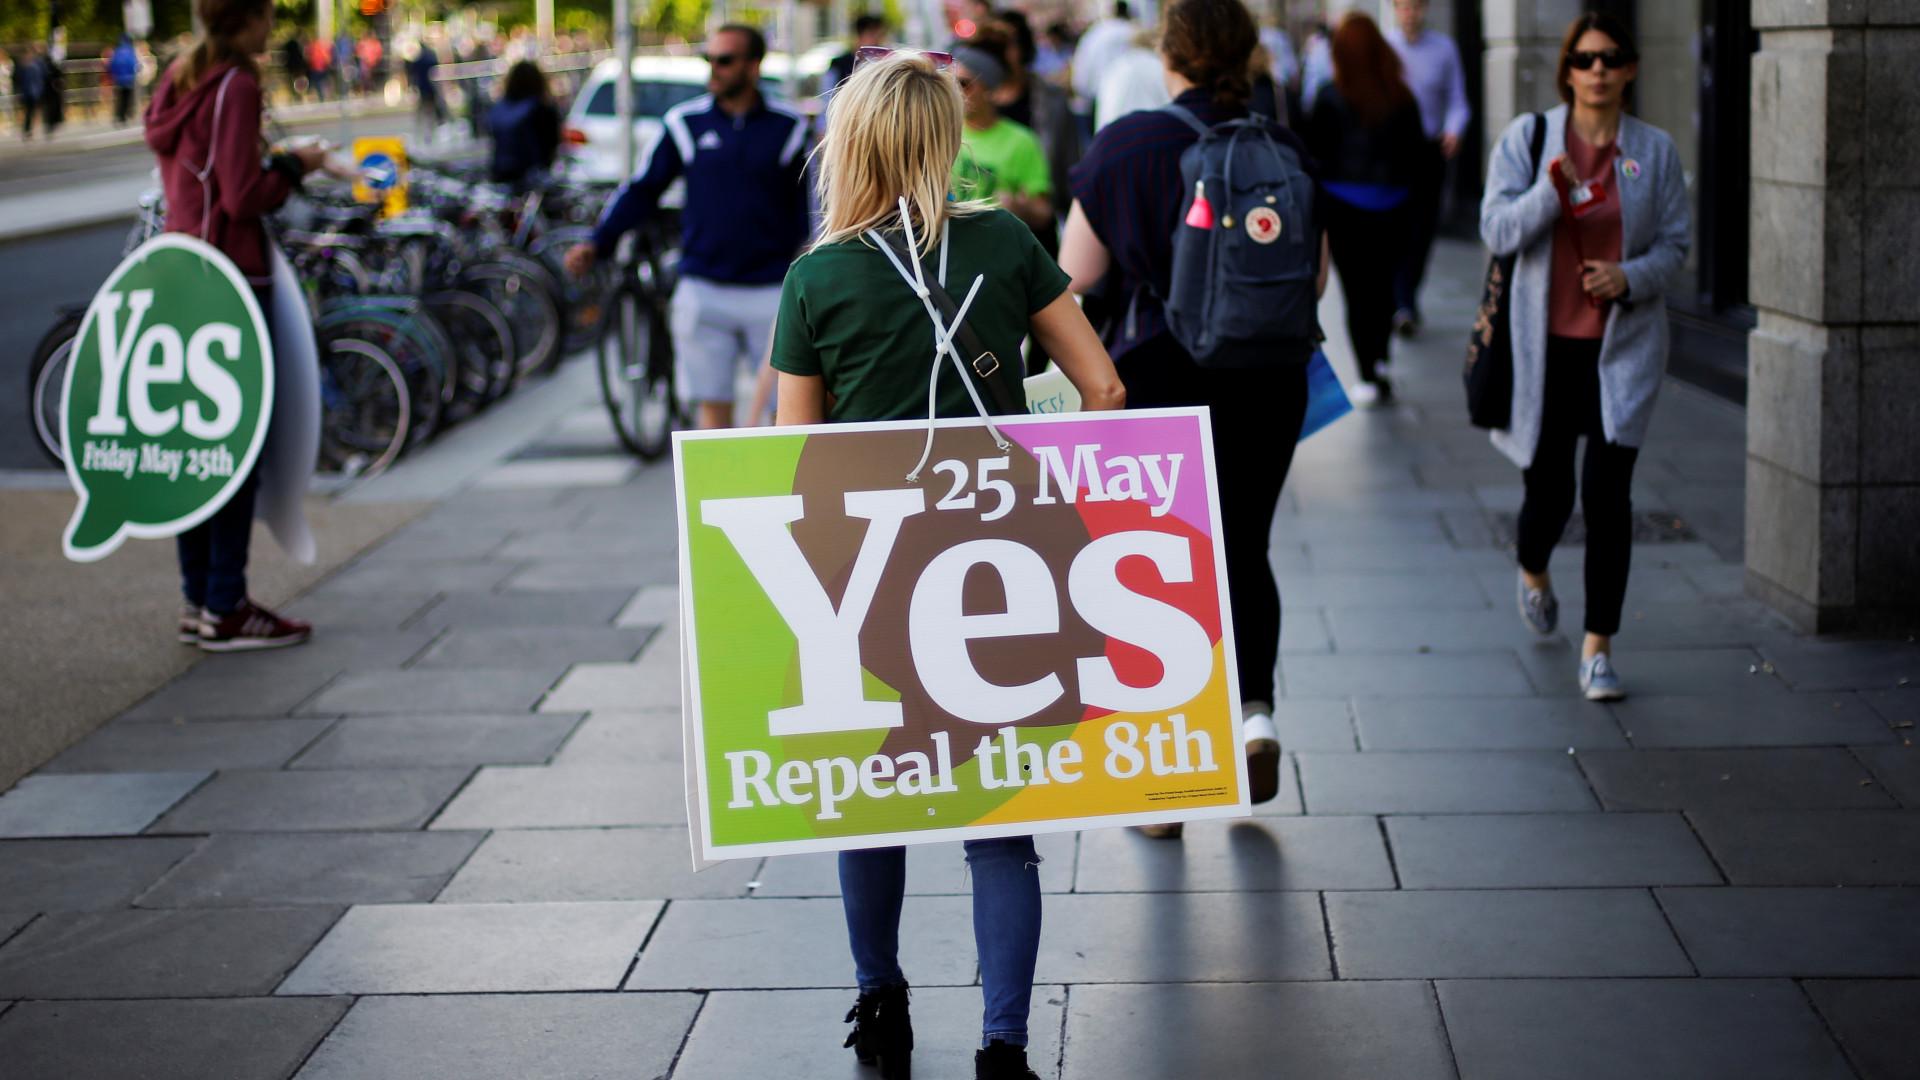 Sondagem dá vitória a 'Sim' à mudança de lei do aborto na Irlanda